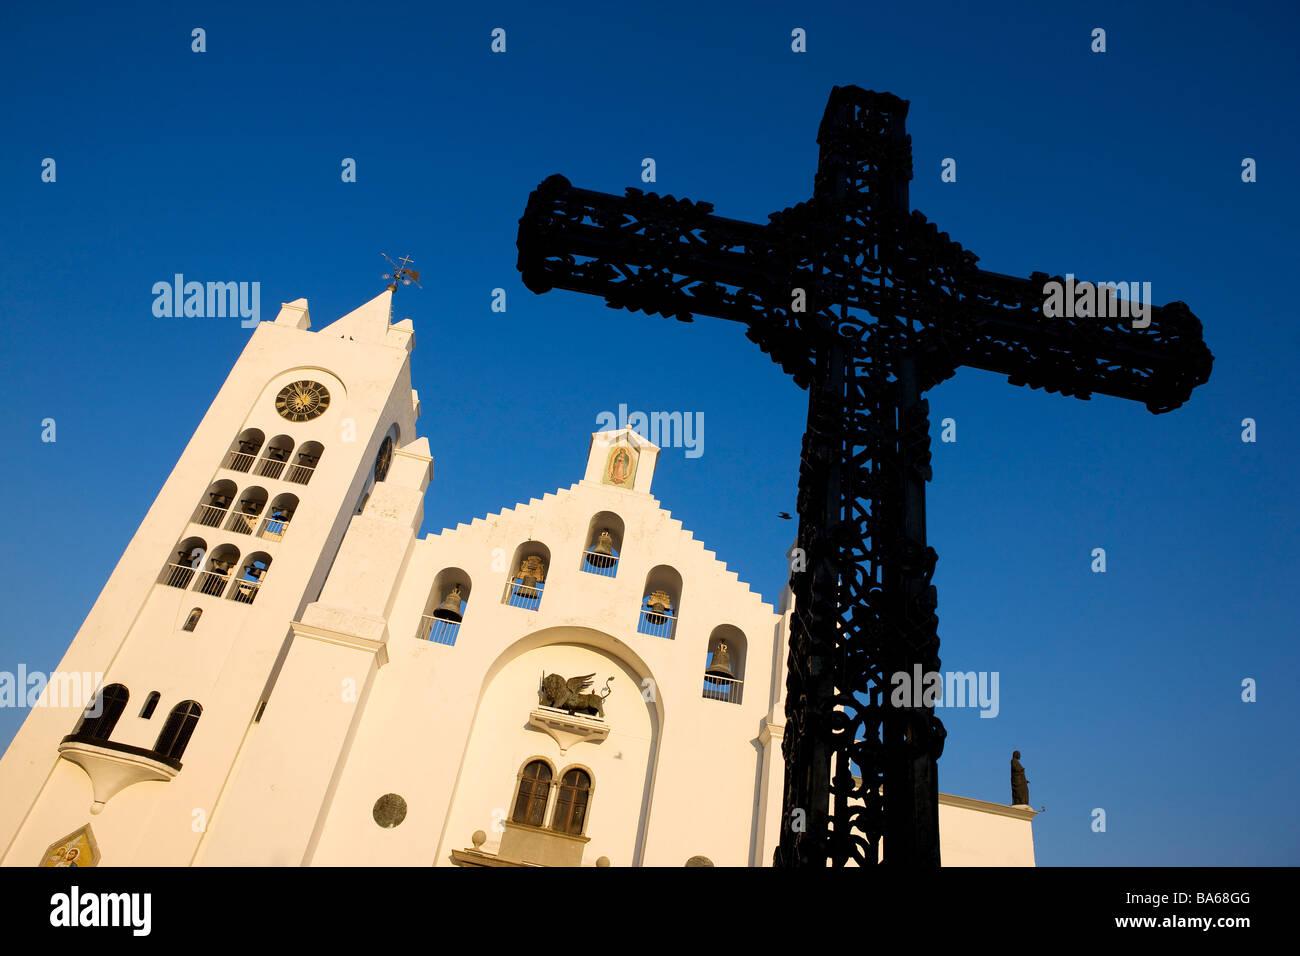 Mexico, state of Chiapas, Tuxtla Gutiérrez, the cathedral - Stock Image